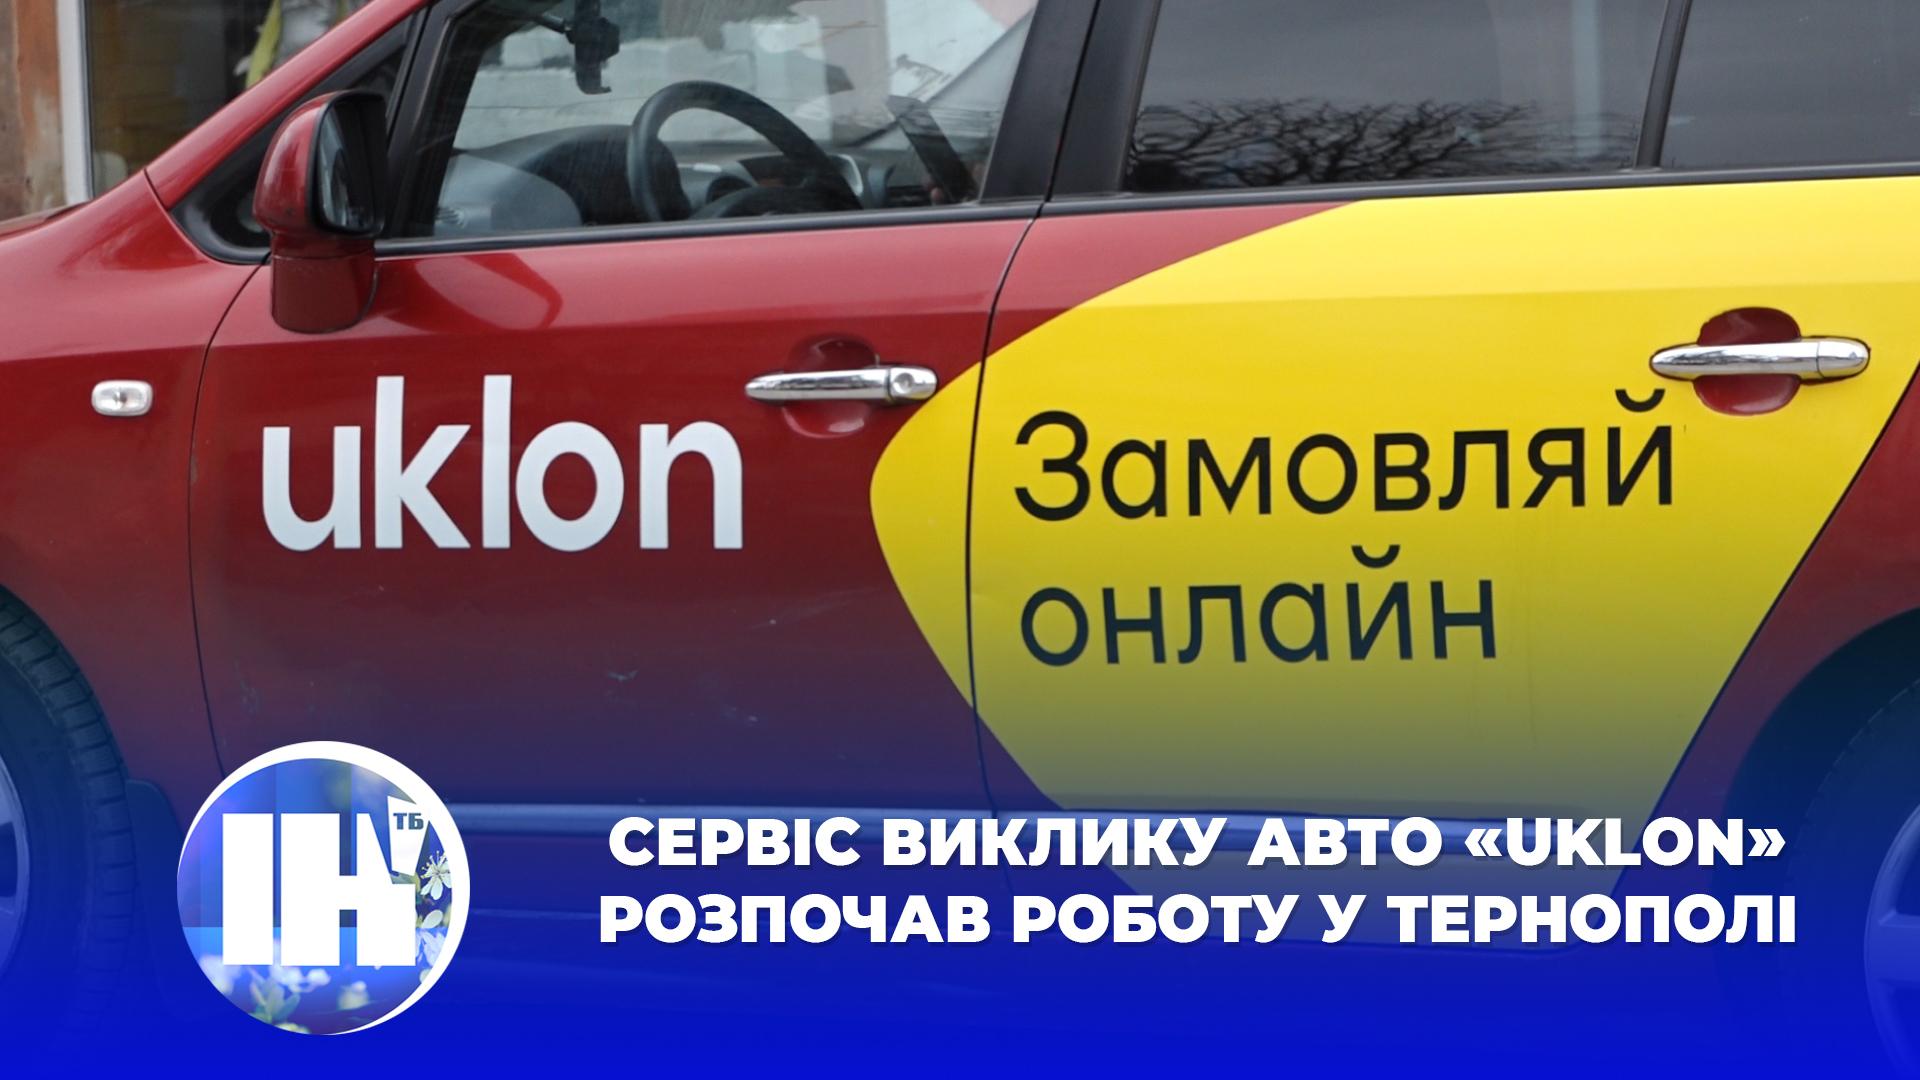 Сервіс виклику авто «Uklon» розпочав роботу у Тернополі